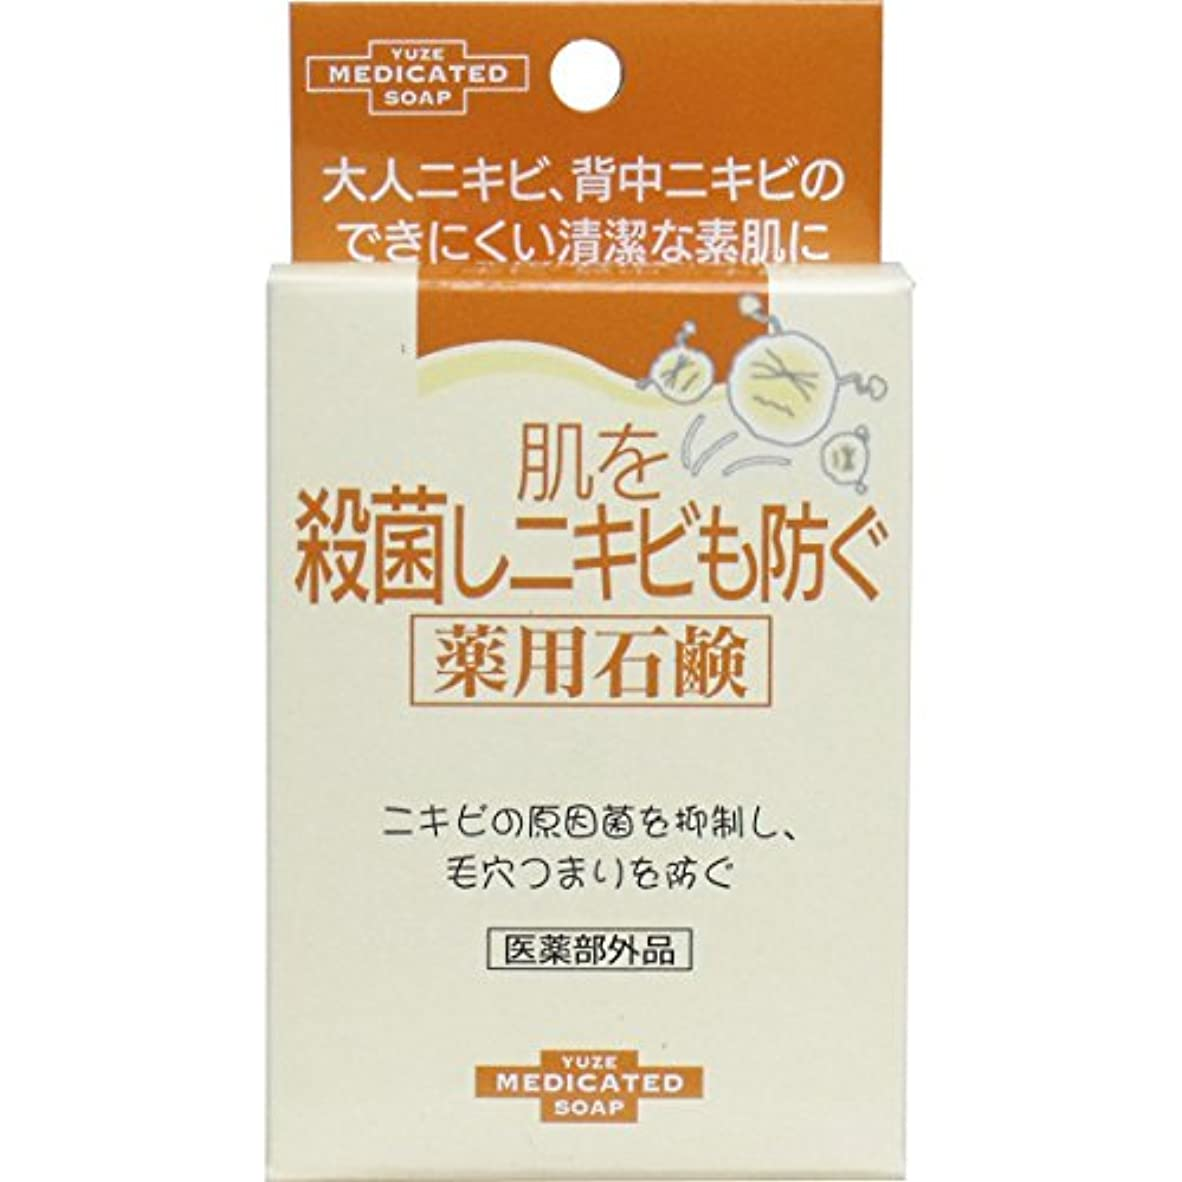 ブート狂信者暖かくユゼ 肌を殺菌しニキビも防ぐ薬用石鹸 6セット